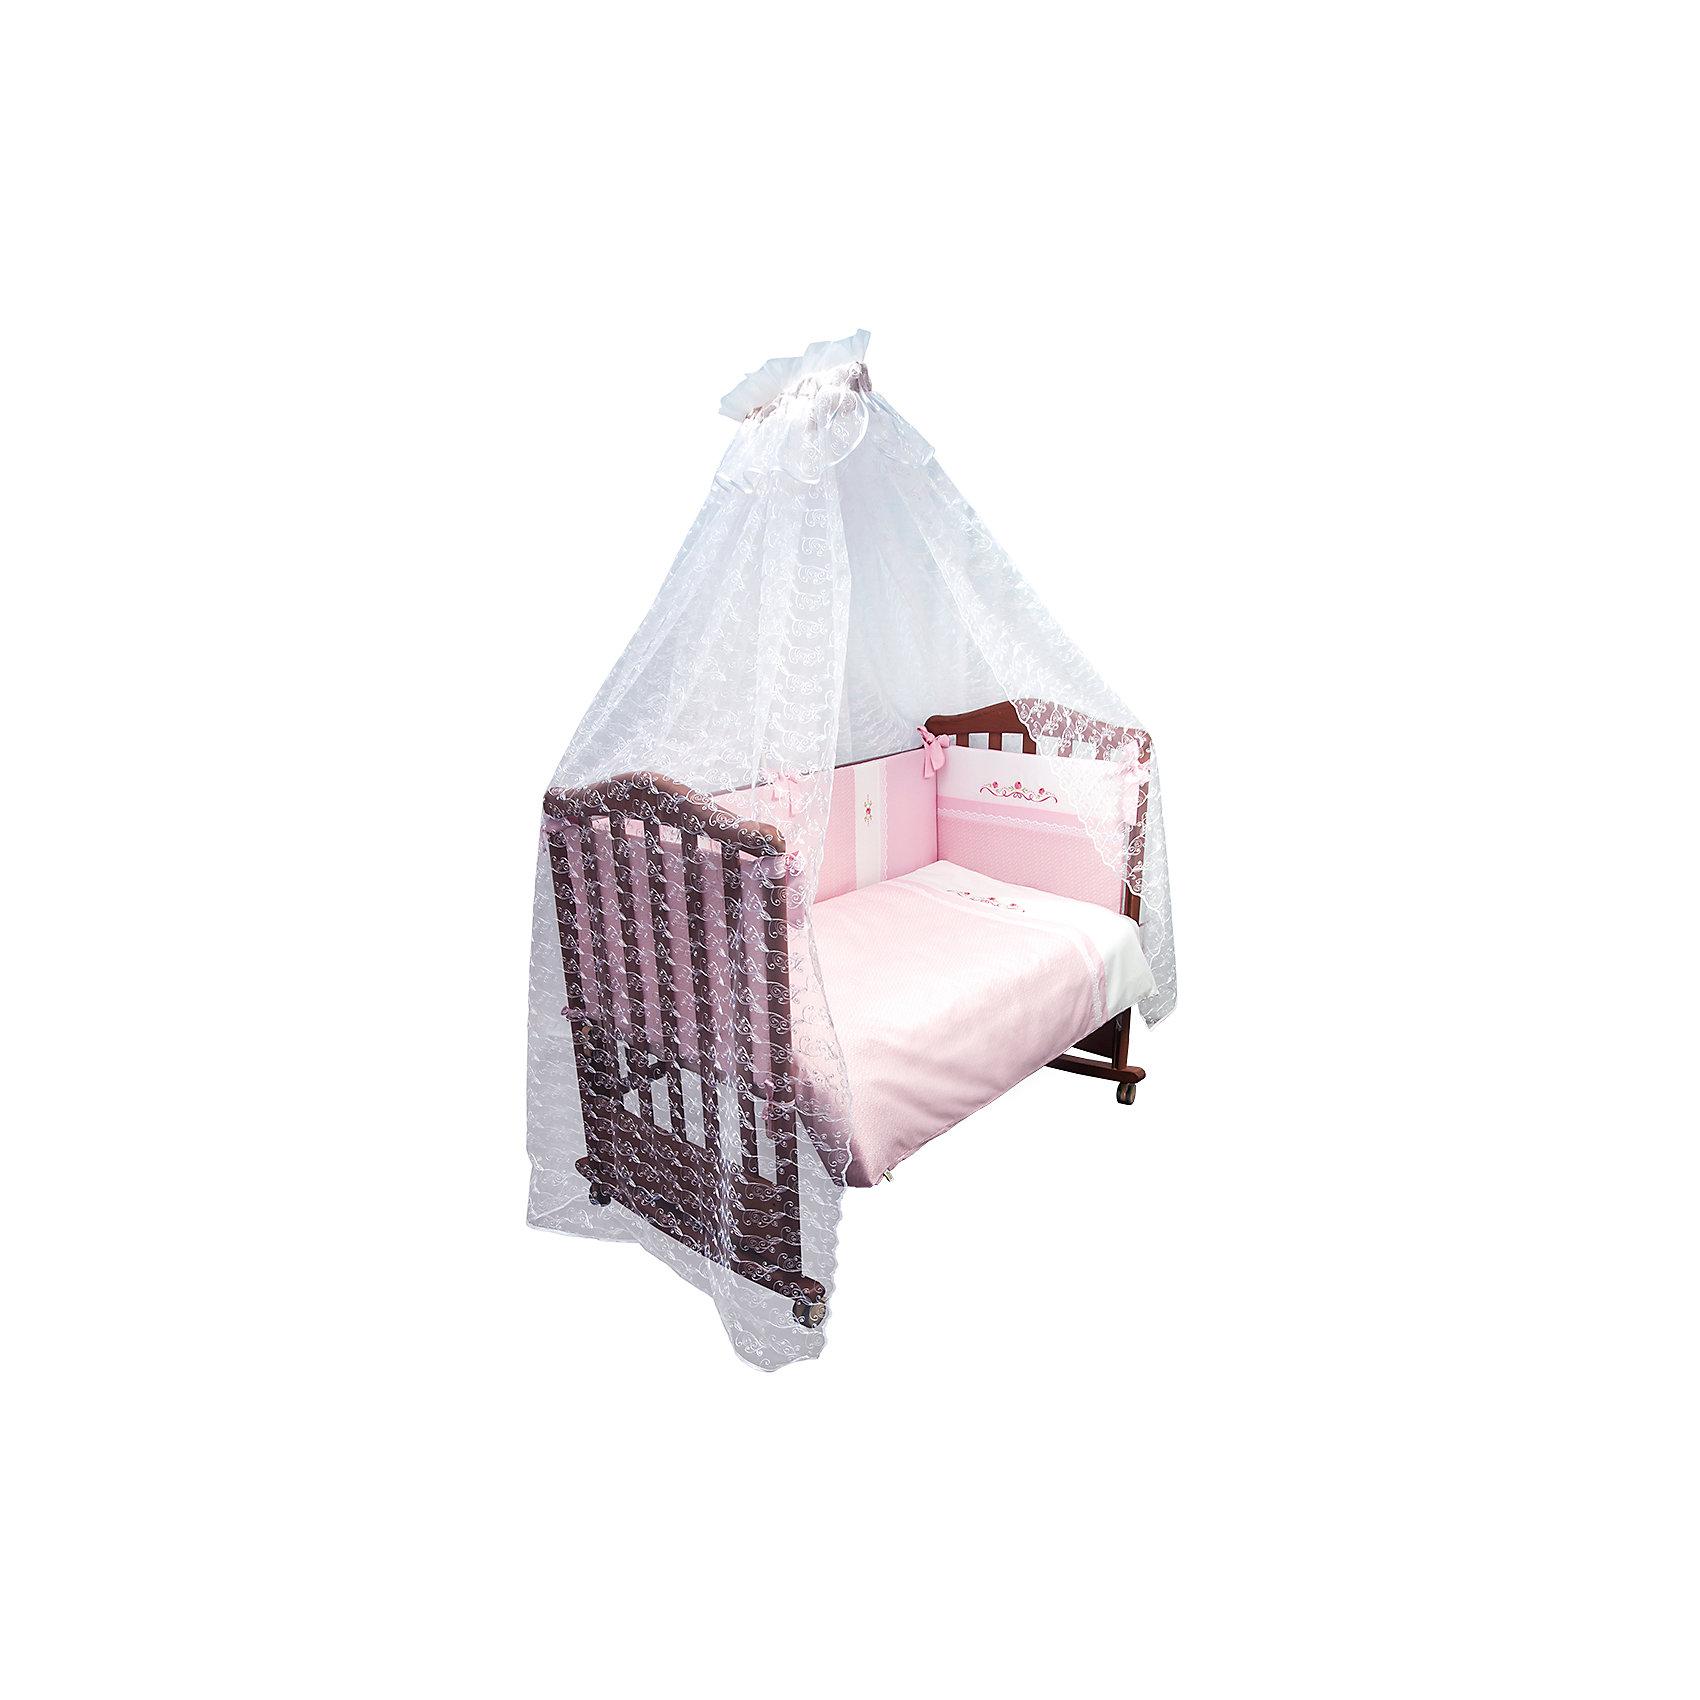 Постельное белье Прованс 7 пред, Сонный гномик, розовыйПостельное белье Прованс 7 предм., Сонный гномик, розовый состоит из постельных принадлежностей, необходимых для детской кроватки: одеяло, подушка, простынь, пододеяльник, наволочка, бортики и балдахин. Комплект подходит для кроваток любого типа стандартного размера 120*60 см. Все изделия комплекта выполнены из сатина высокого качества, который обладает устойчивостью к деформации и изменению цвета, даже при частых стирках не образуются потертости и катышки. В одеяле и подушке в качестве наполнителя использован холлофайбер, который обладает высокой воздухопроницаемостью, водоотталкивающими и гипоаллергенными свойствами. Бортик для кроватки состоит из четырех частей, которые крепятся за счет завязок. Комплект выполнен в розовом цвете, украшен цветочным орнаментом.   <br>Постельное белье Прованс 7 предм., Сонный гномик, розовый обеспечит ребенку крепкий, здоровый и безопасный сон. <br><br>Дополнительная информация:<br><br>- Предназначение: для детской кроватки<br>- Комплектация: одеяло и пододеяльник (110*140 см), подушка и наволочка (40*60 см), простынь (100*140 см), бортики из четырех частей, балдахин (4 м)<br>- Материал: сатин, полиэстер (балдахин)<br>- Наполнитель: холлофайбер<br>- Пол: для девочки<br>- Цвет: розовый, белый<br>- Размеры упаковки (Д*Ш*В): 65*20*50 см<br>- Вес: 3 кг 500 г<br>- Особенности ухода: разрешается стирка при температуре не более 40 градусов<br><br>Подробнее:<br><br>• Для детей в возрасте от 0 месяцев и до 4 лет<br>• Страна производитель: Россия<br>• Торговый бренд: Leader kids<br><br>Постельное белье Прованс 7 предм., Сонный гномик, розовый можно купить в нашем интернет-магазине.<br><br>Ширина мм: 650<br>Глубина мм: 200<br>Высота мм: 500<br>Вес г: 3500<br>Возраст от месяцев: 0<br>Возраст до месяцев: 48<br>Пол: Женский<br>Возраст: Детский<br>SKU: 4922759